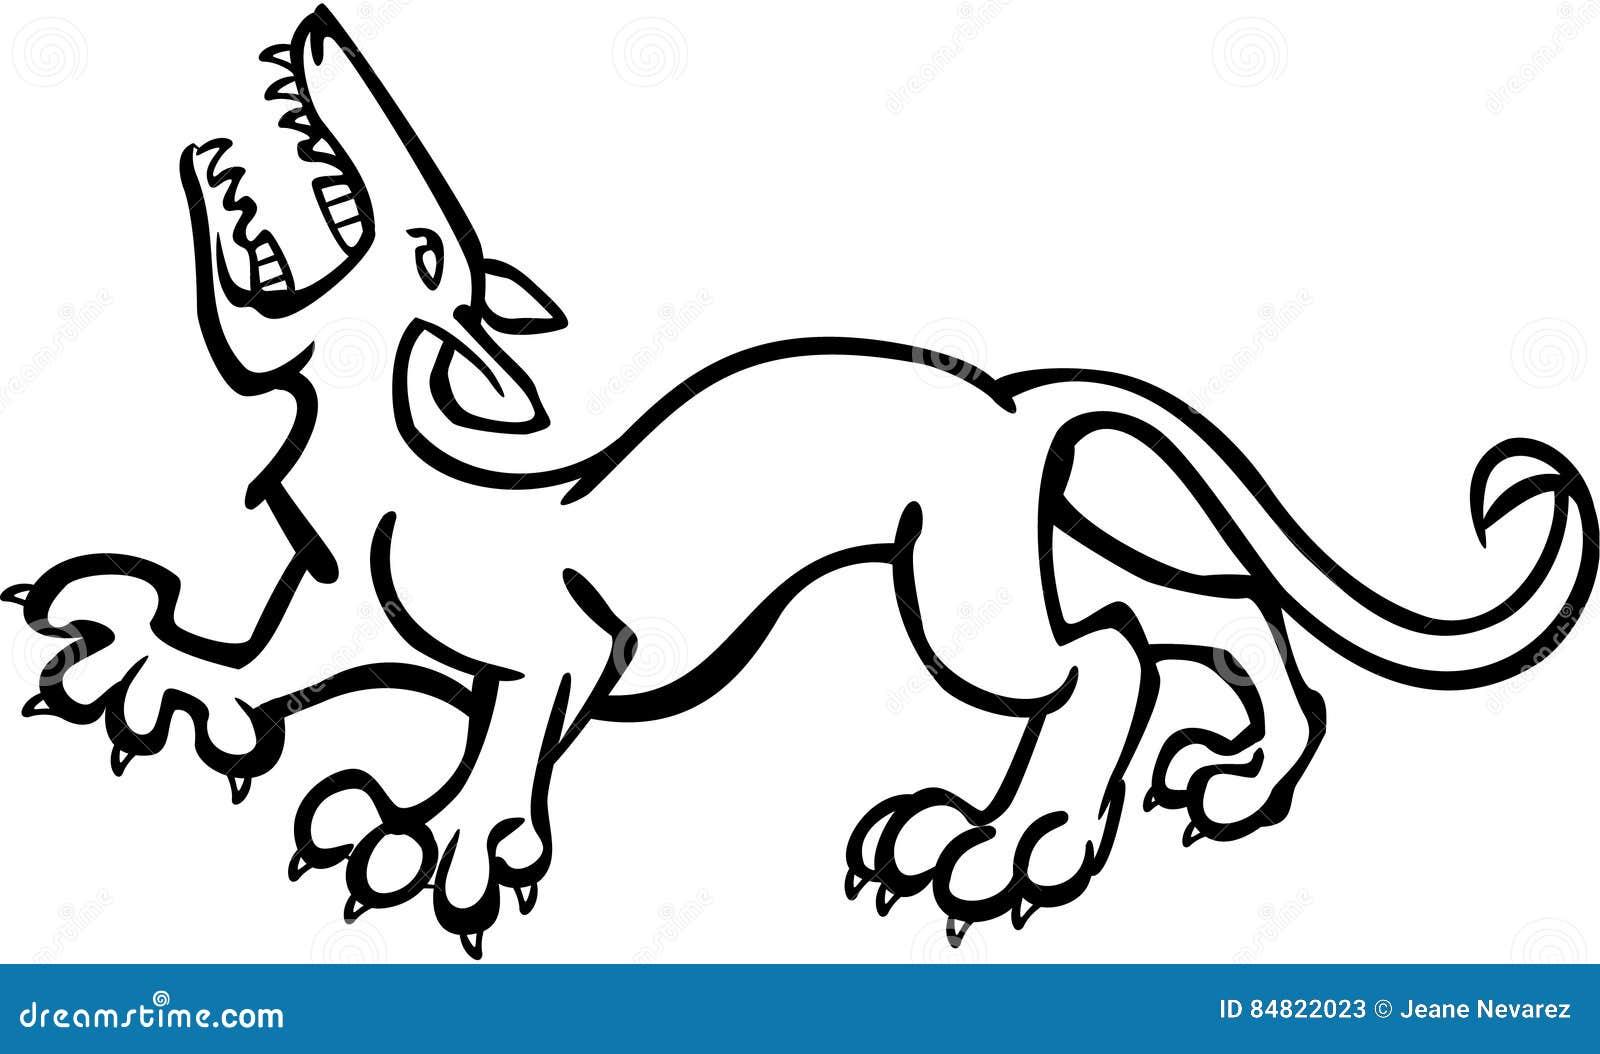 Vector Line Art Animals : Beast stock vector image